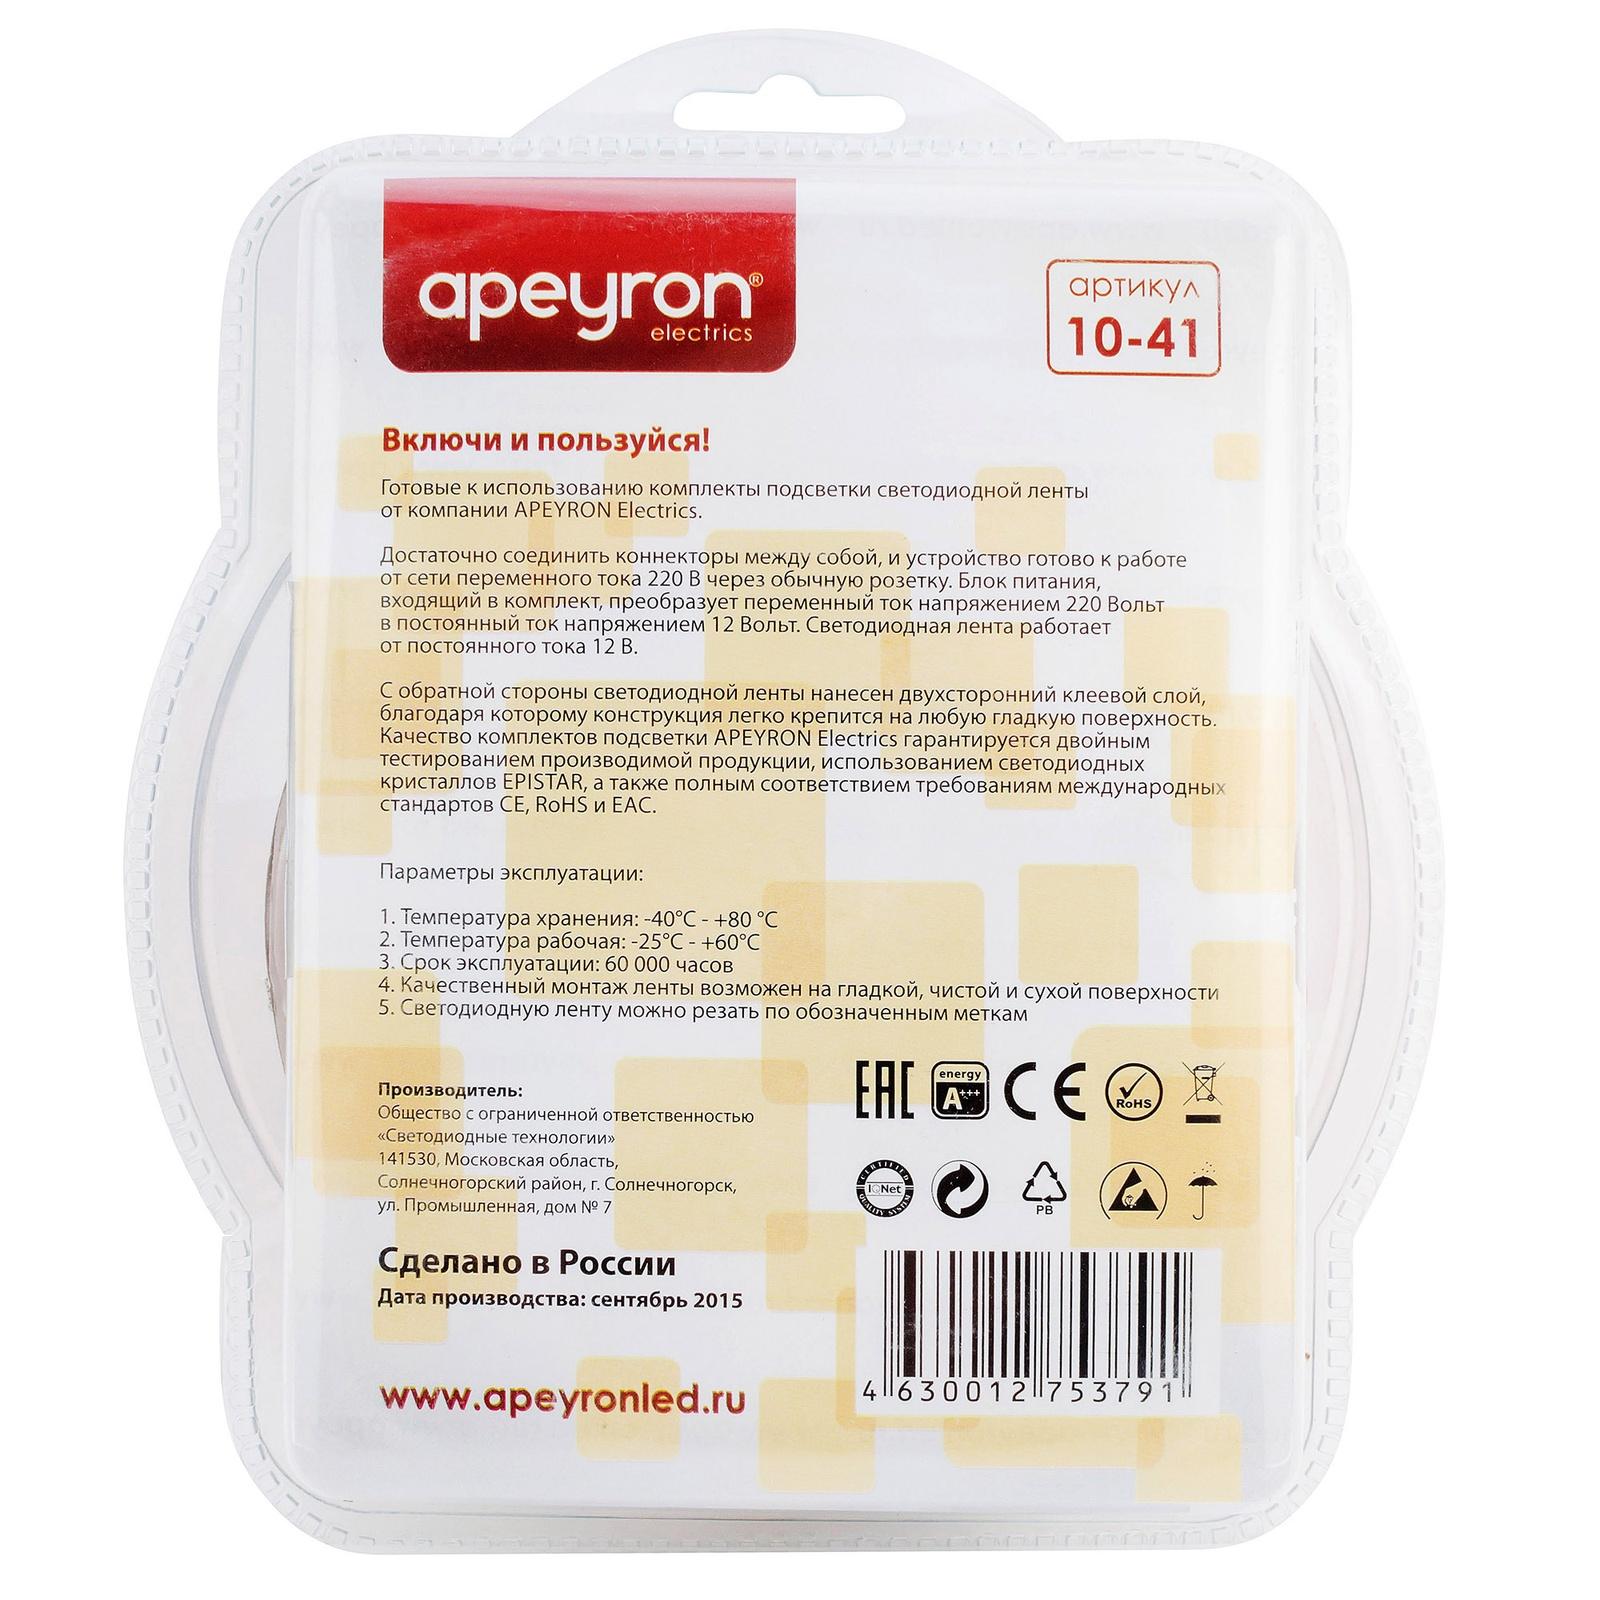 Светодиодная лента APEYRON electrics Комплект, 10-41 светодиодная лента apeyron electrics комплект 10 14